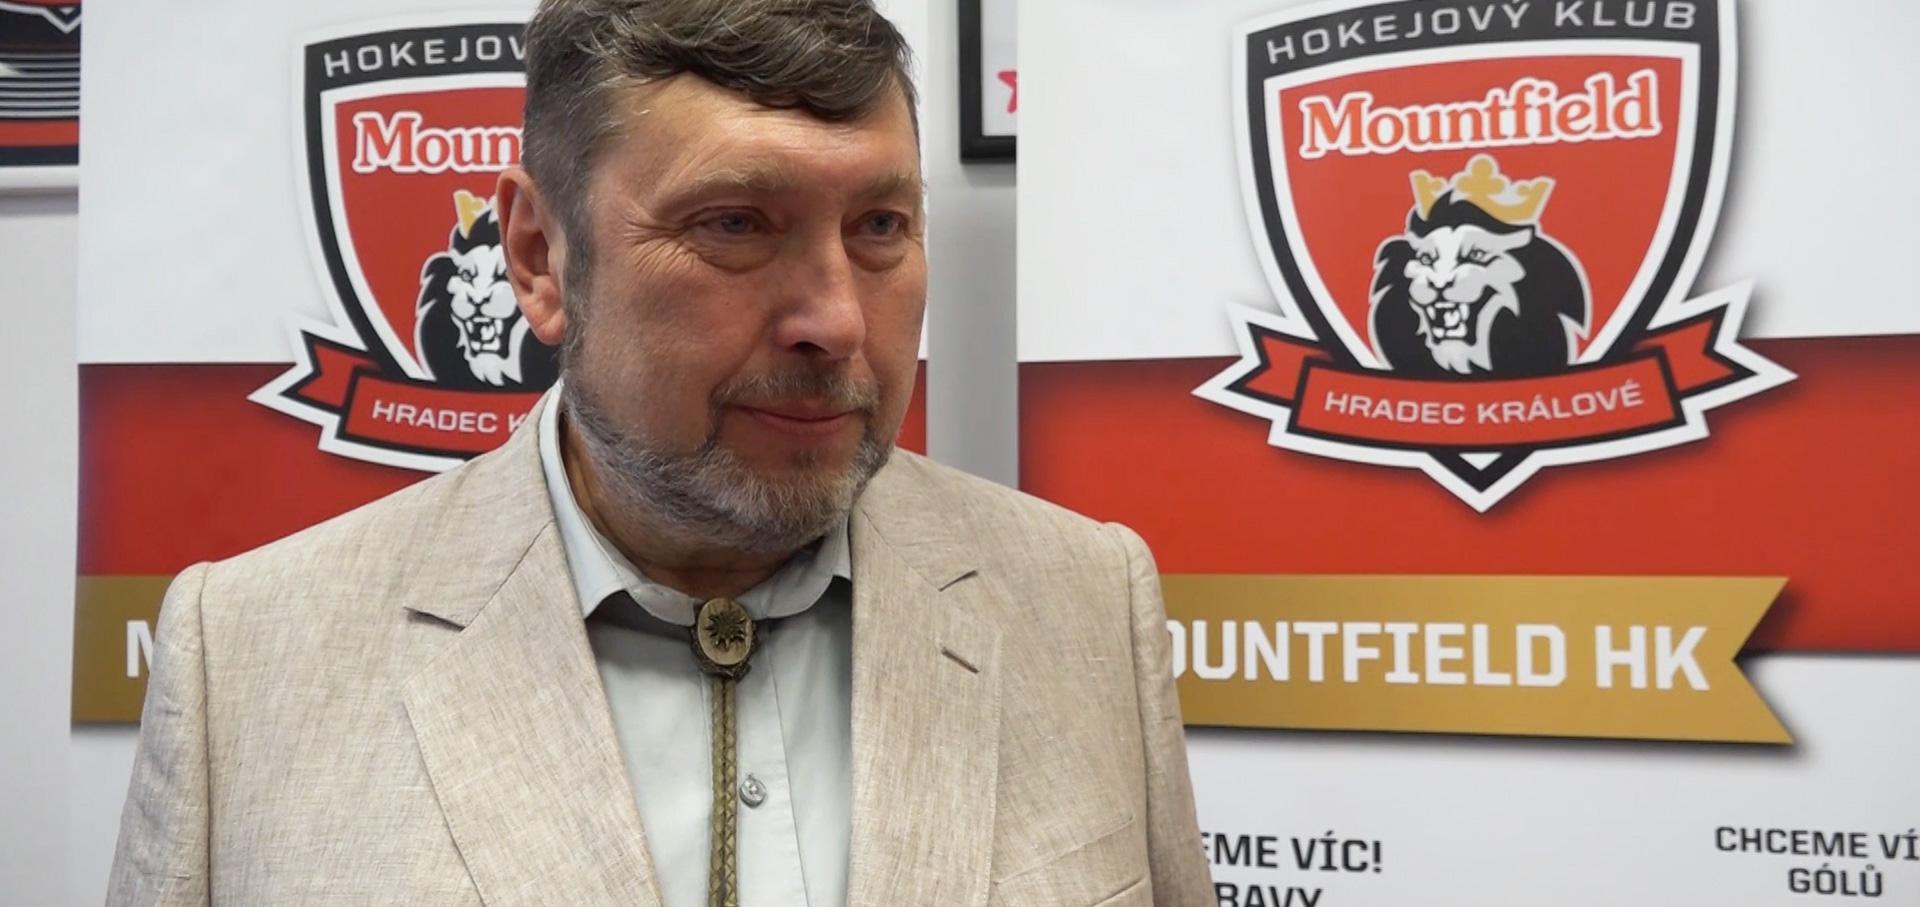 Prezident klubu Miroslav Schön představuje úsporná opatření